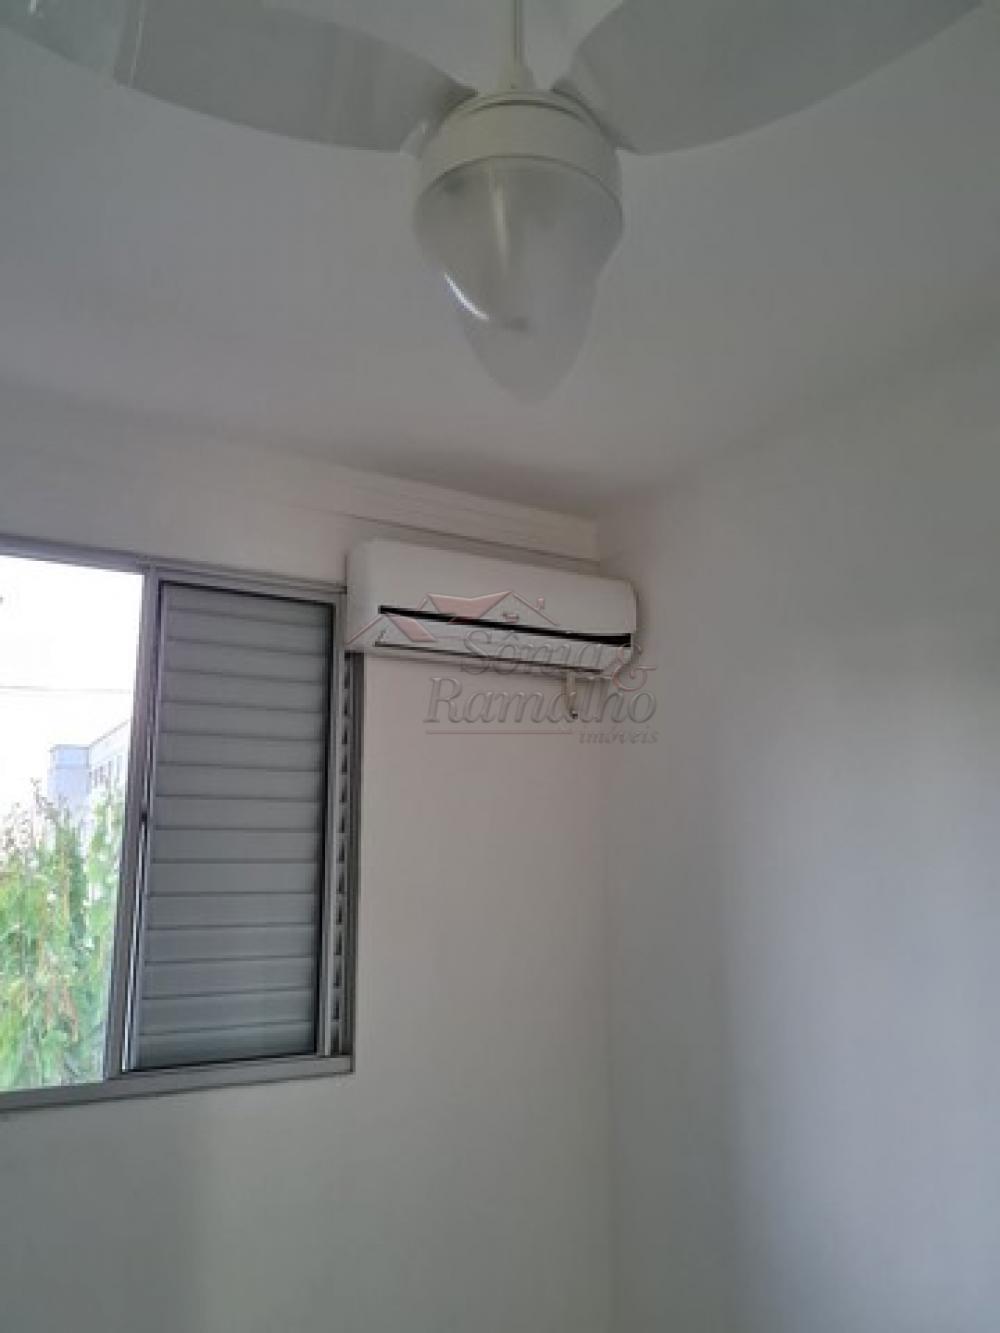 Alugar Apartamentos / Padrão em Ribeirão Preto R$ 1.000,00 - Foto 4